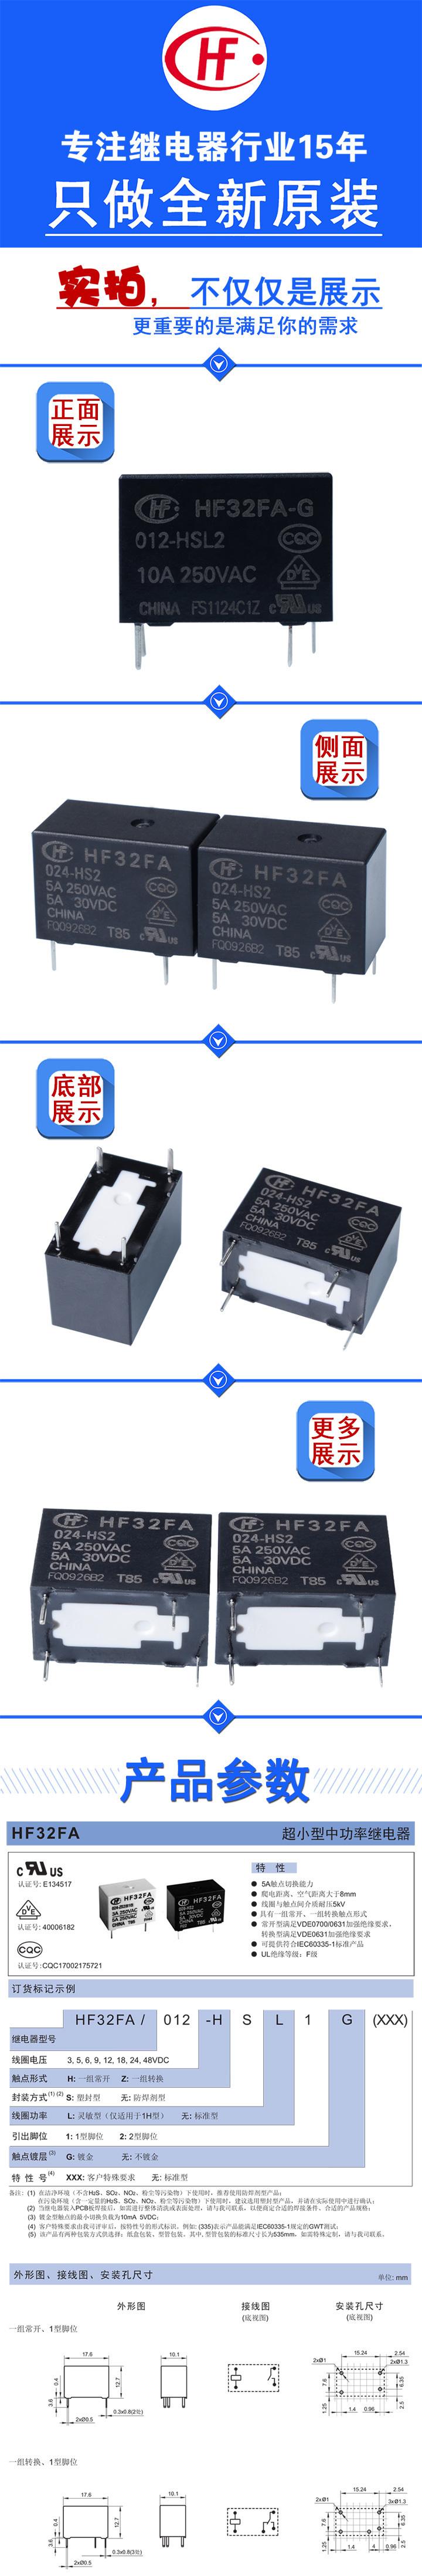 HF32FA-024-HS2-720_01